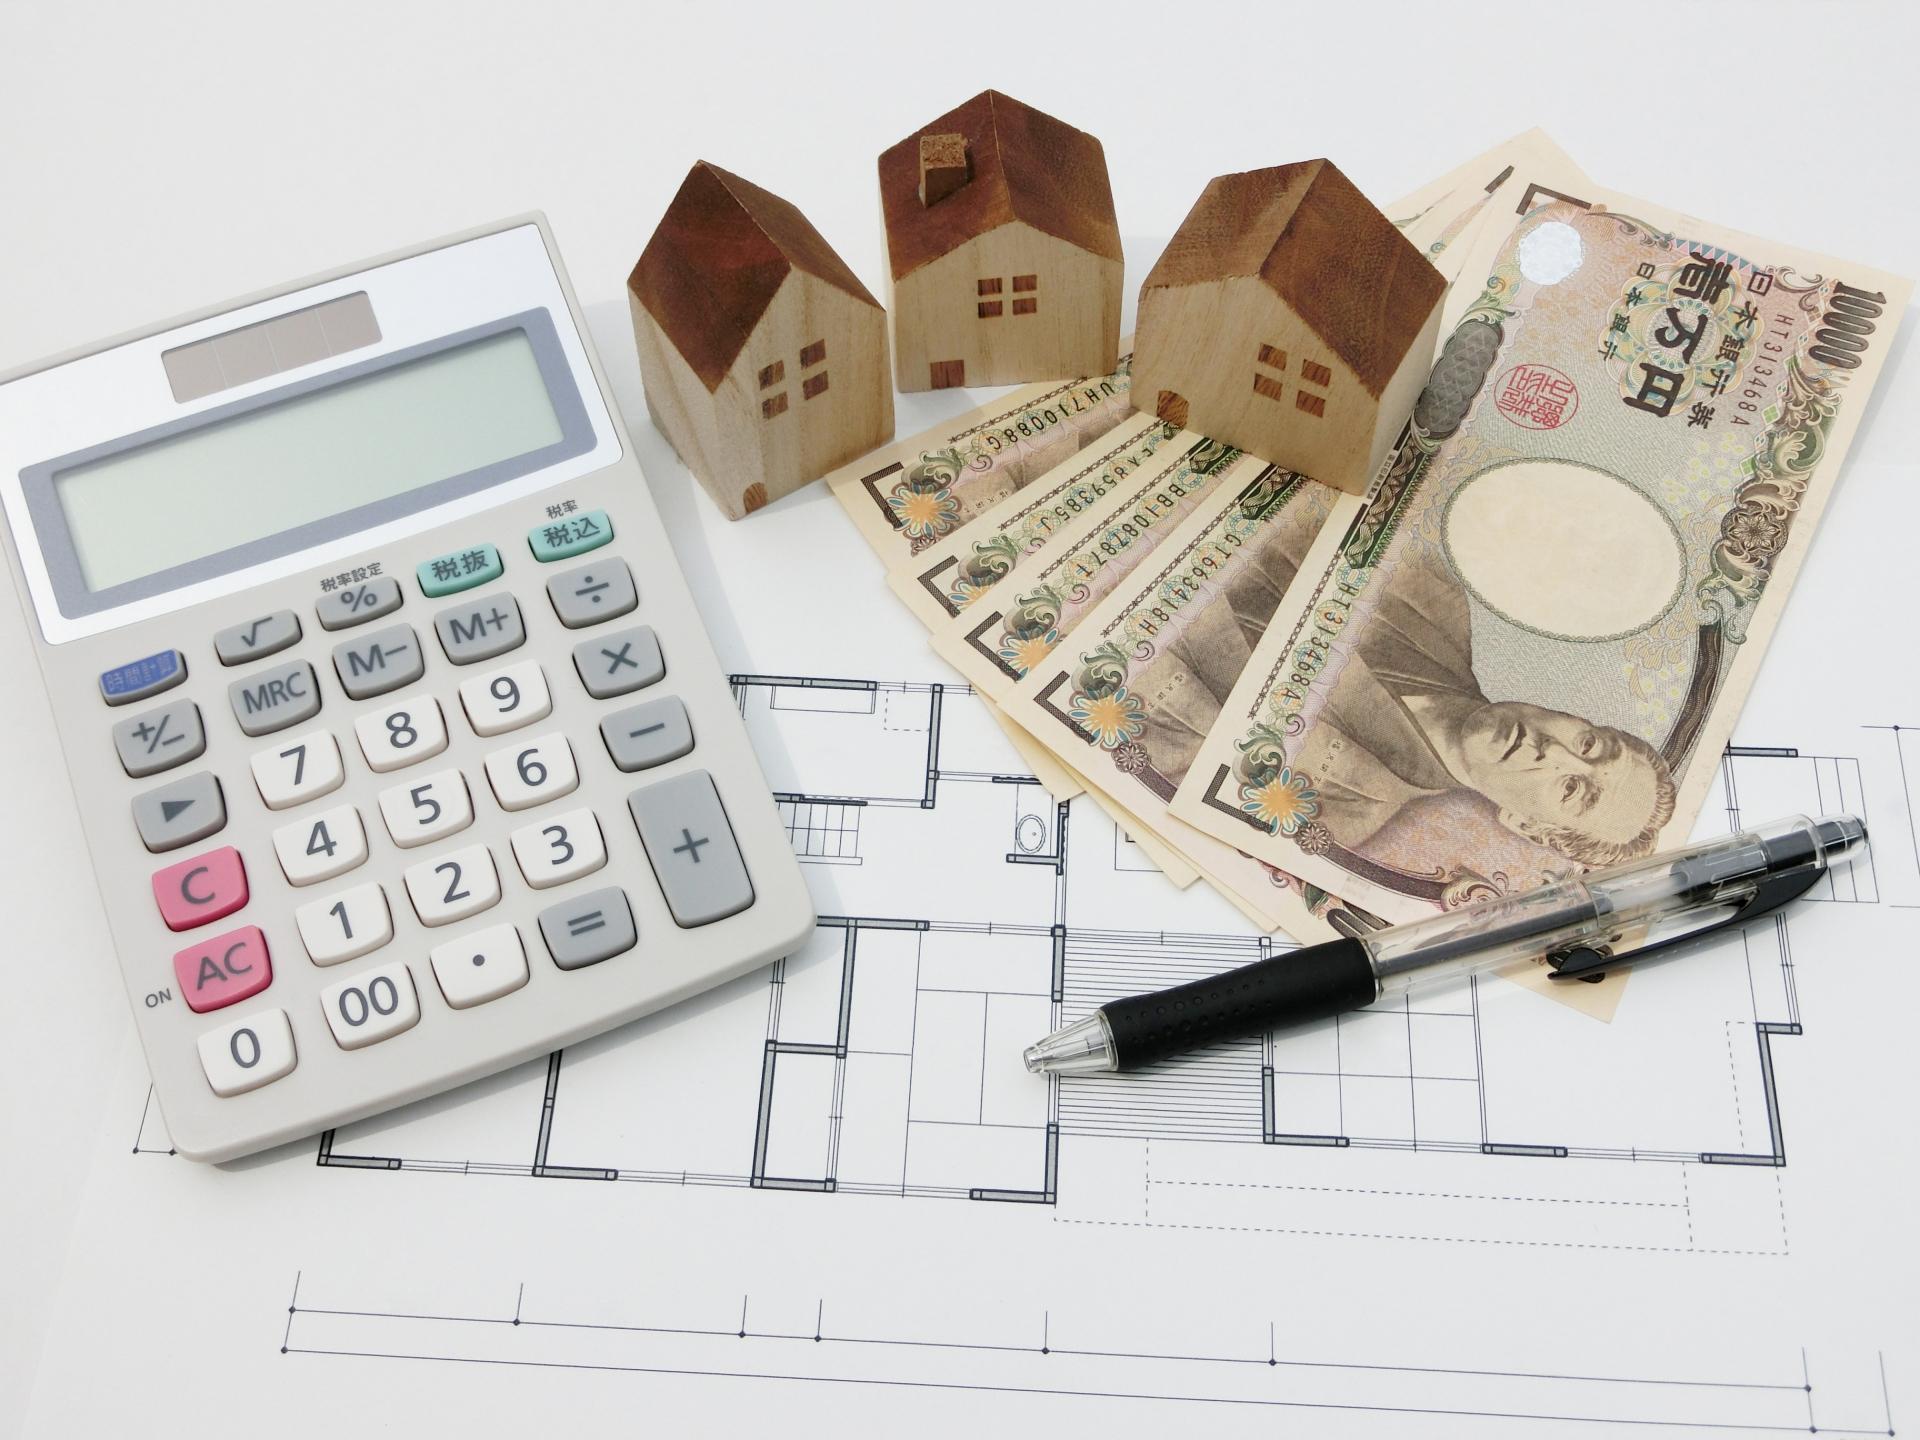 あなたは住宅の購入は今が買い時だと思いますか?